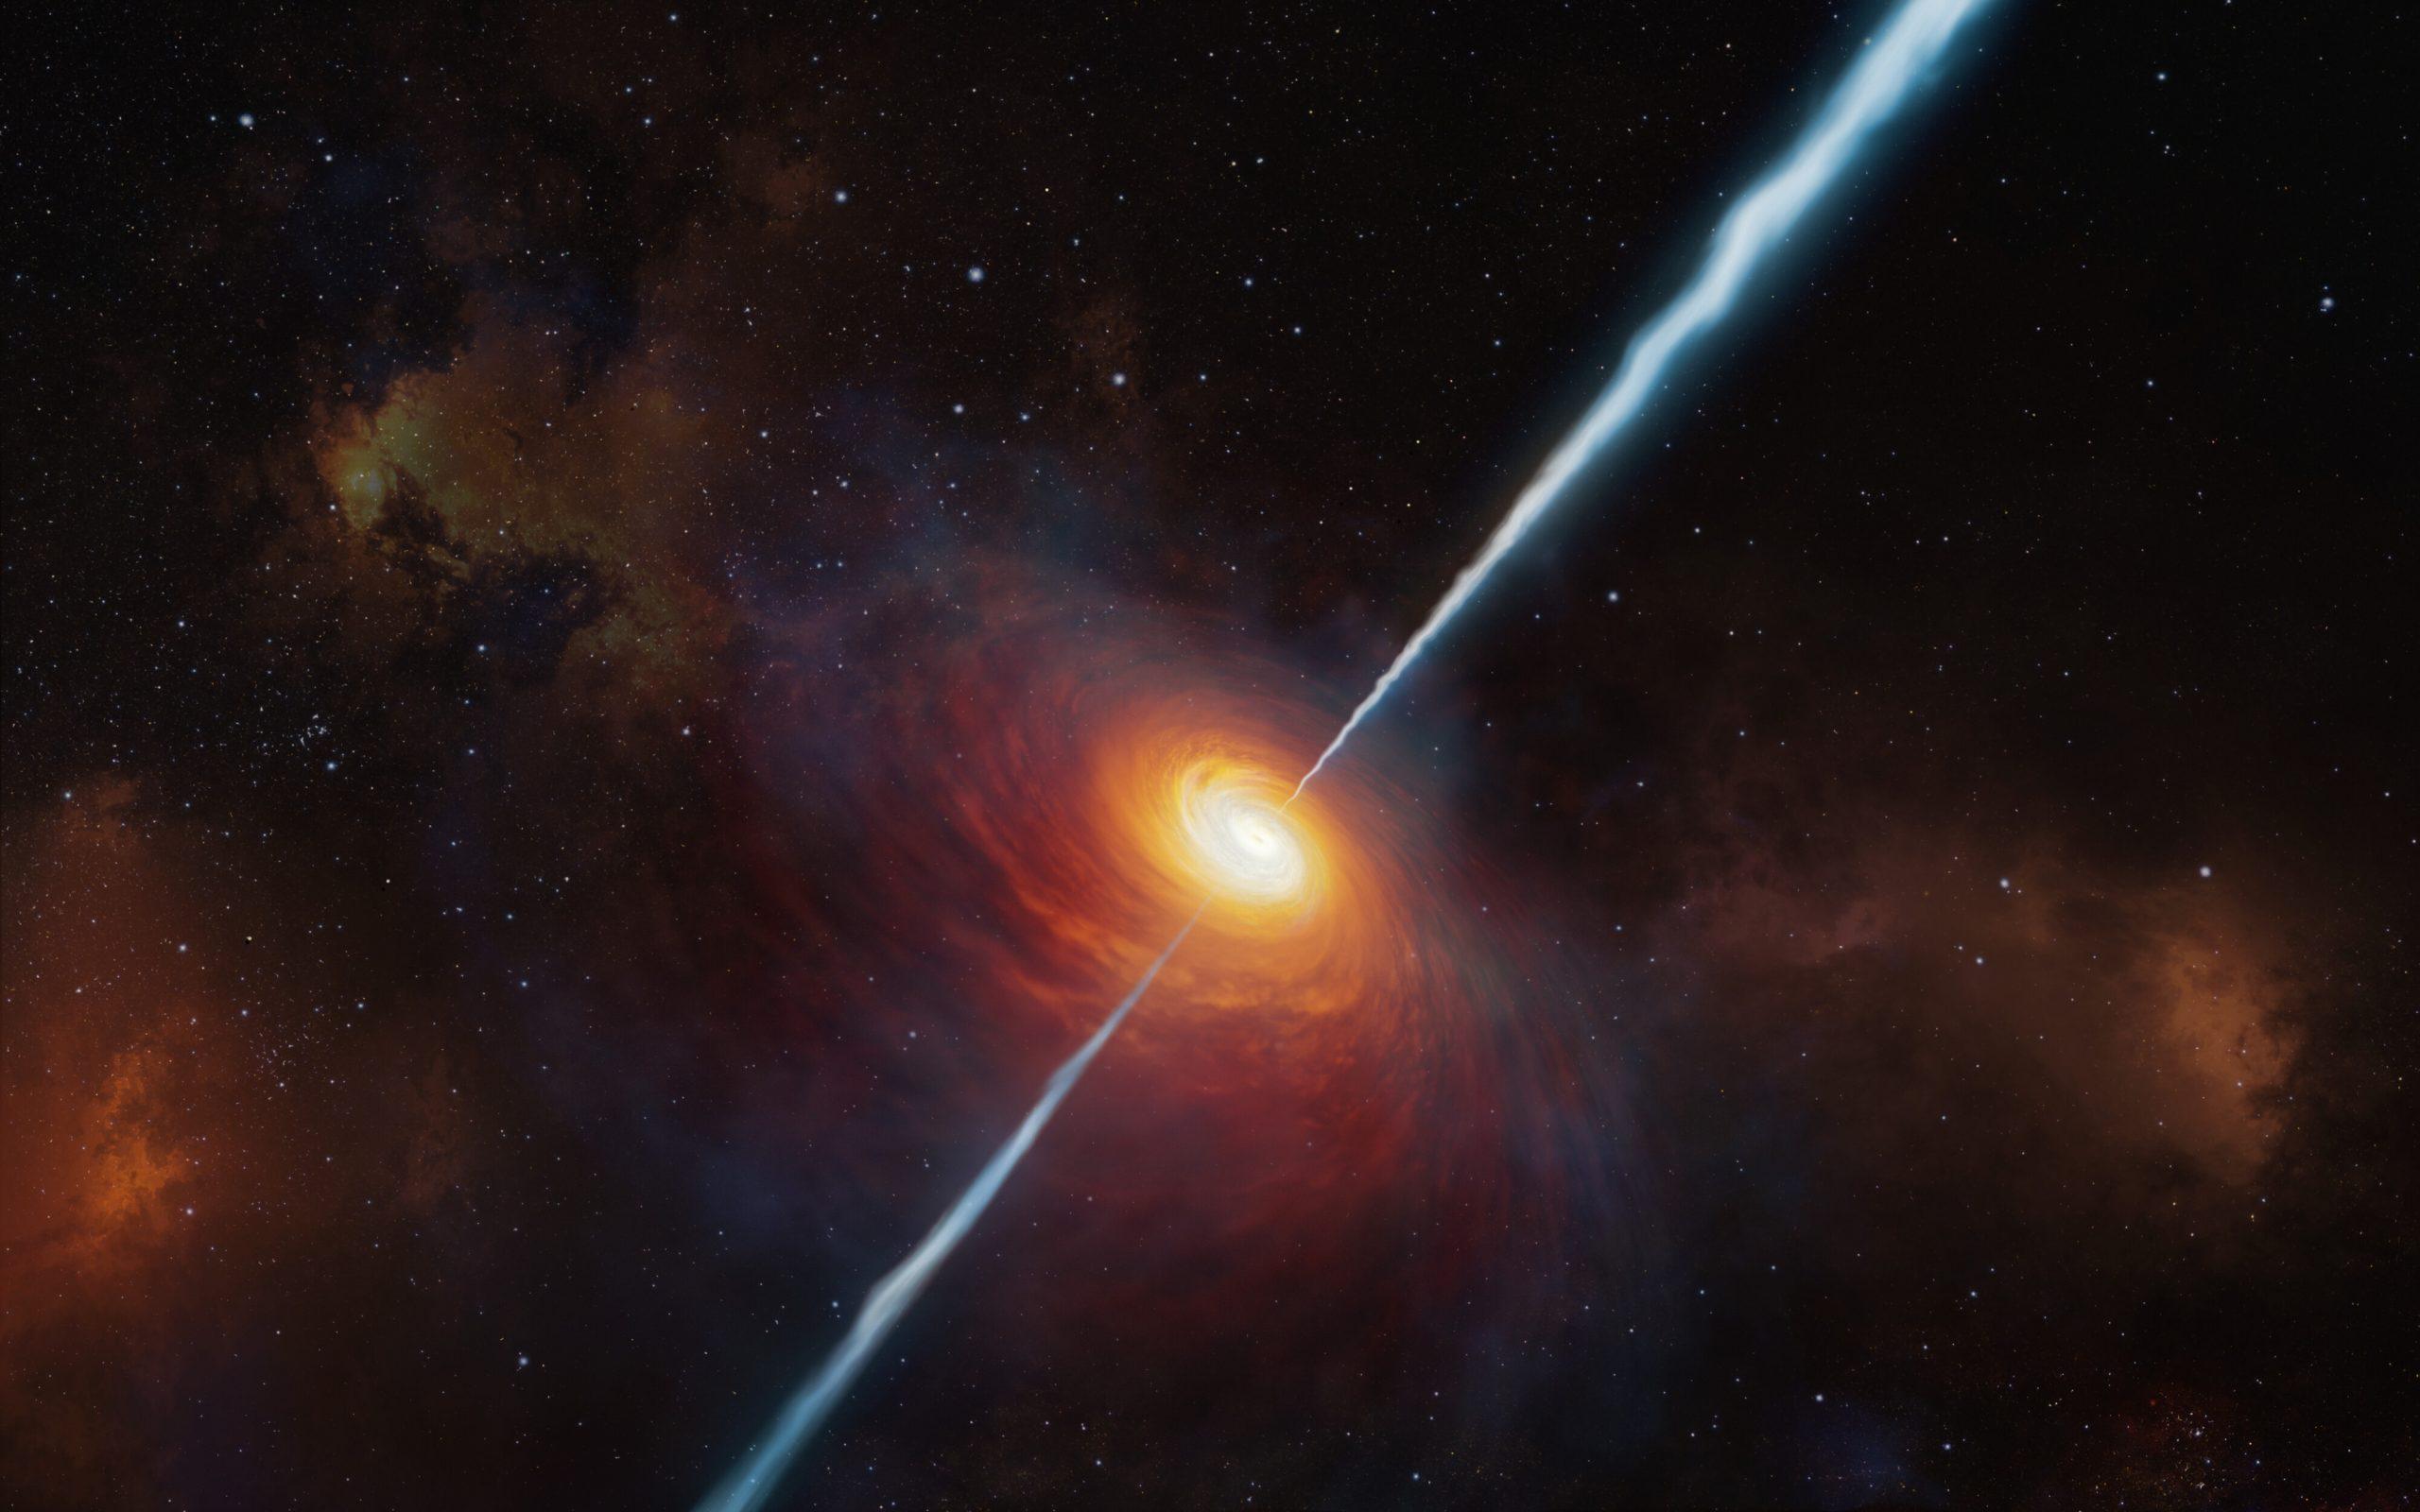 宇宙ジェットが巨大ブラックホールの成長を促進、国際天文チーム